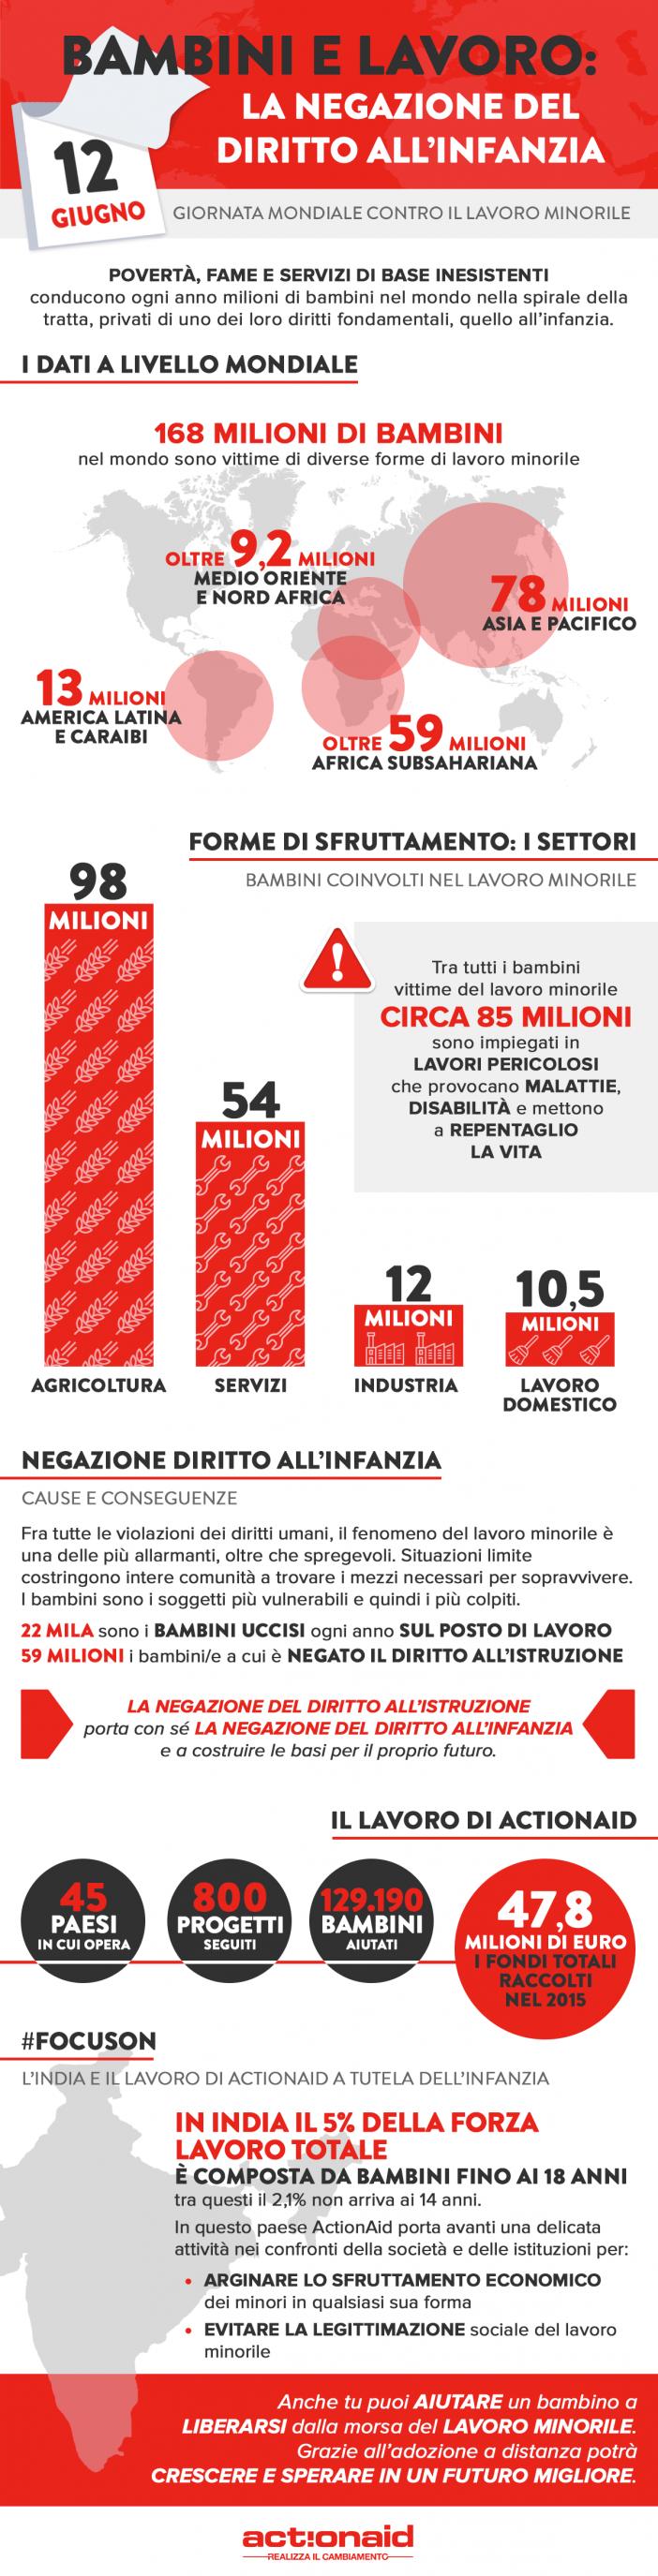 ActionAid Infografica informativa sfruttamento minorile